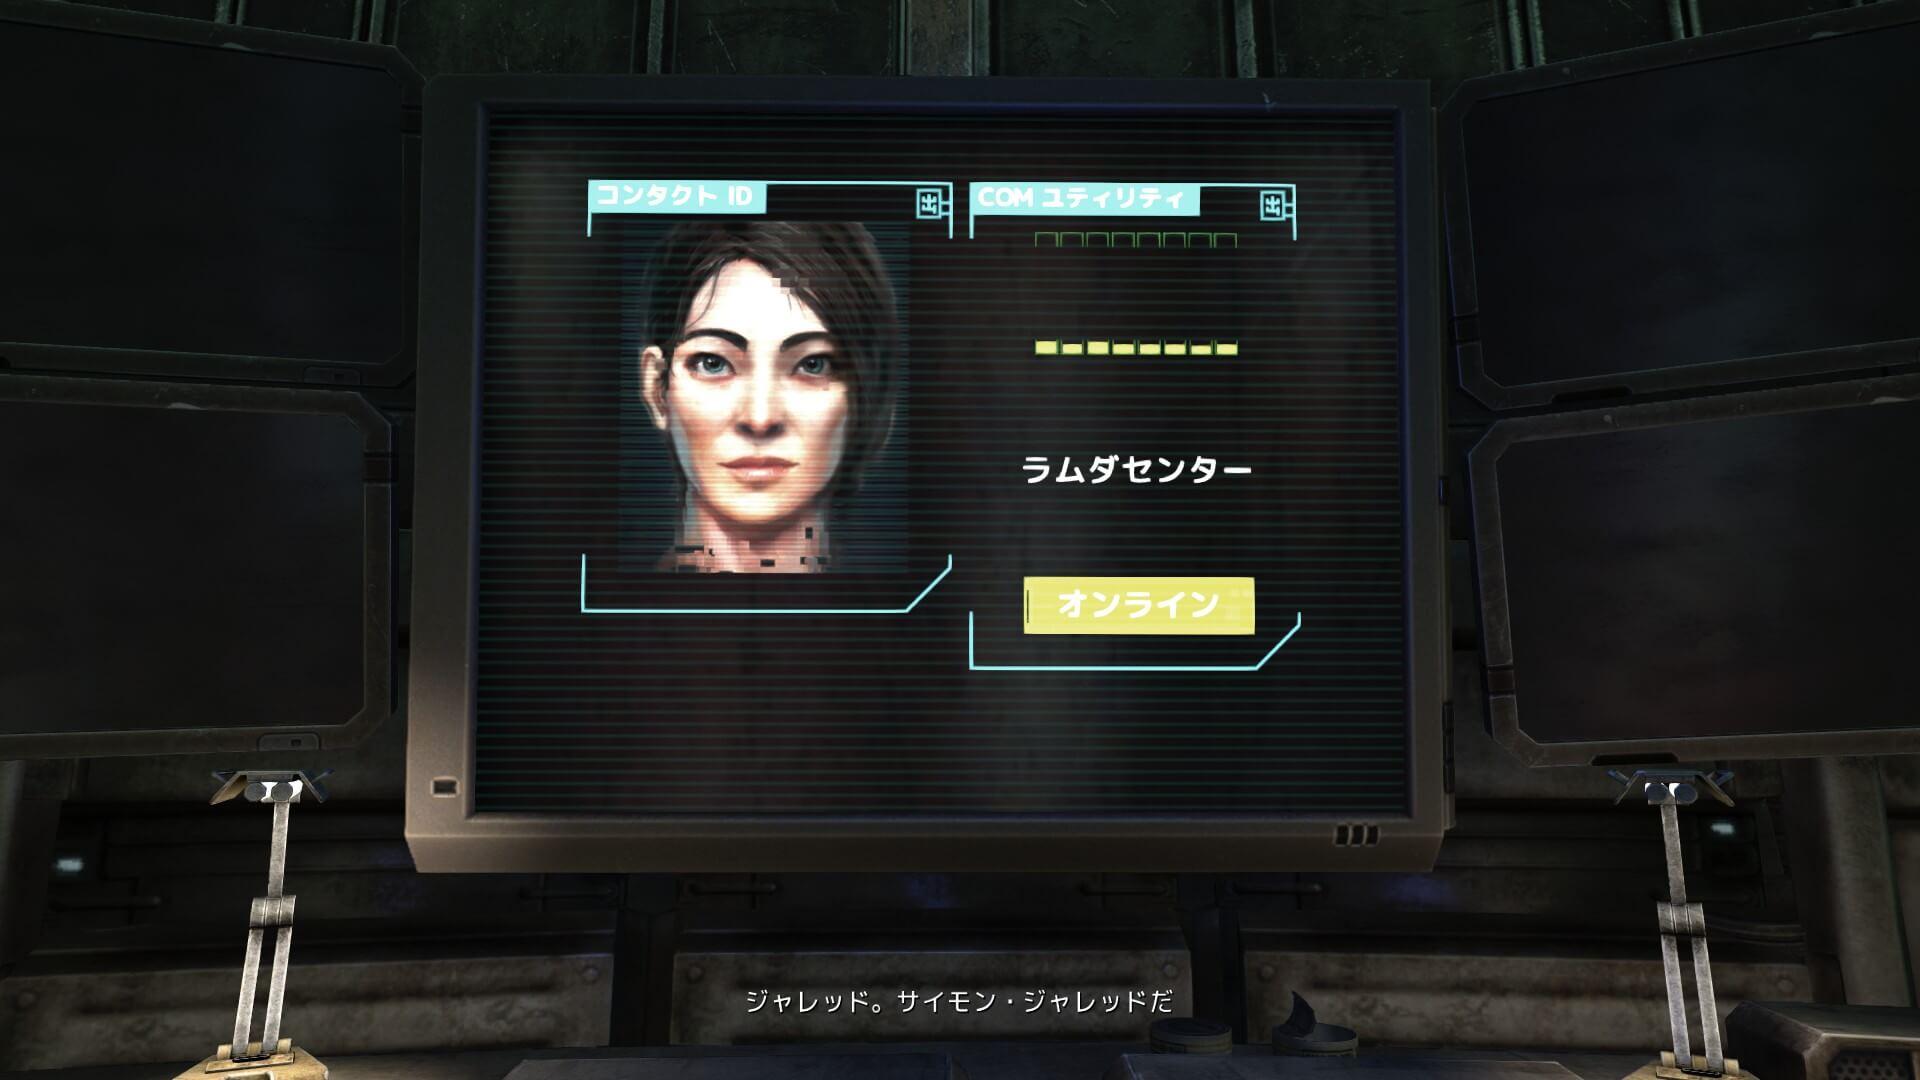 唯一の会話できるキャラクターであるキャサリン/SOMAより。